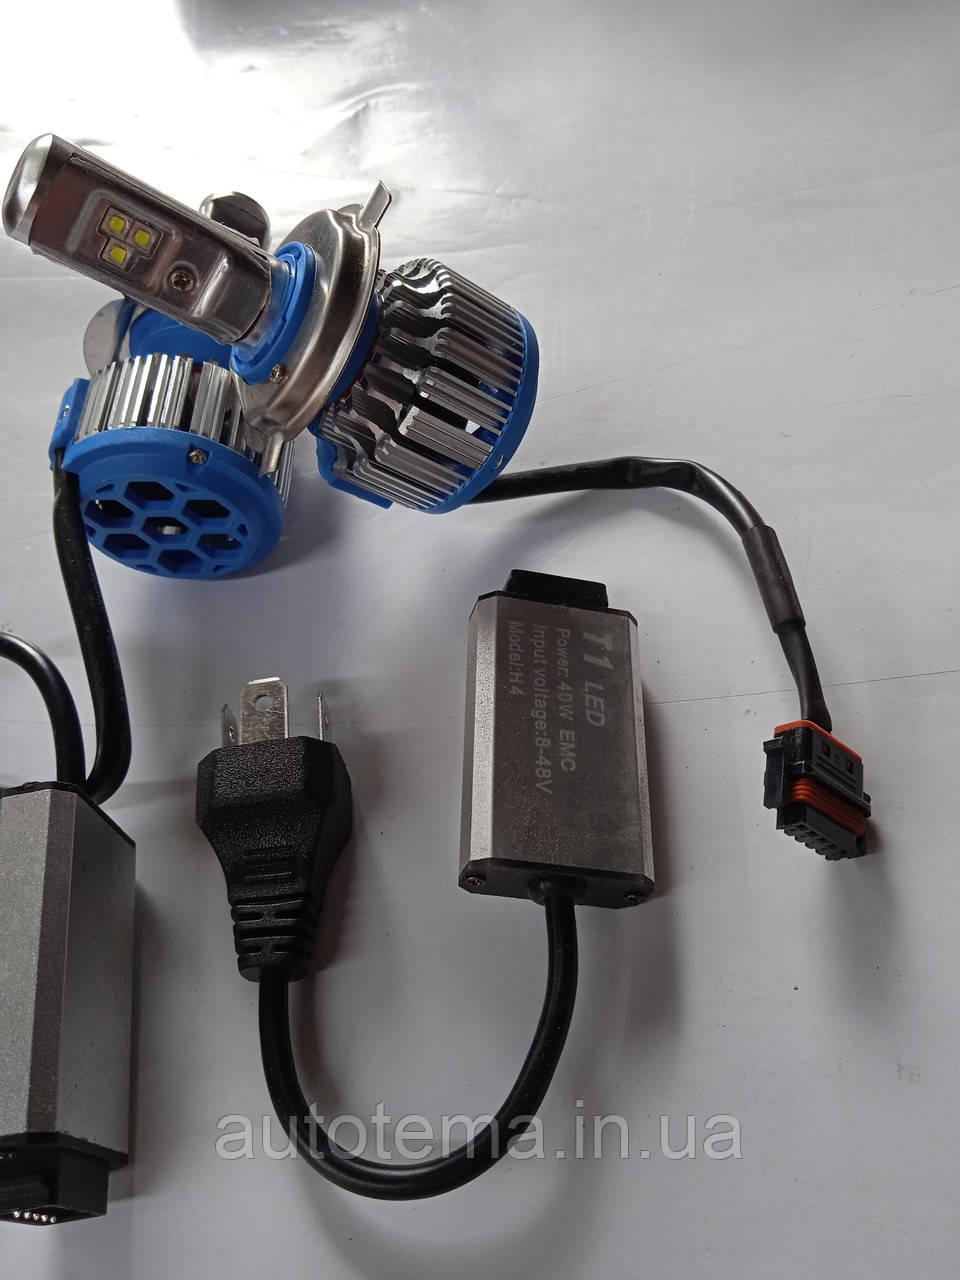 Светодиодные автомобильные лампы Turbo Led T1 H4 35W 3500LM 6000K